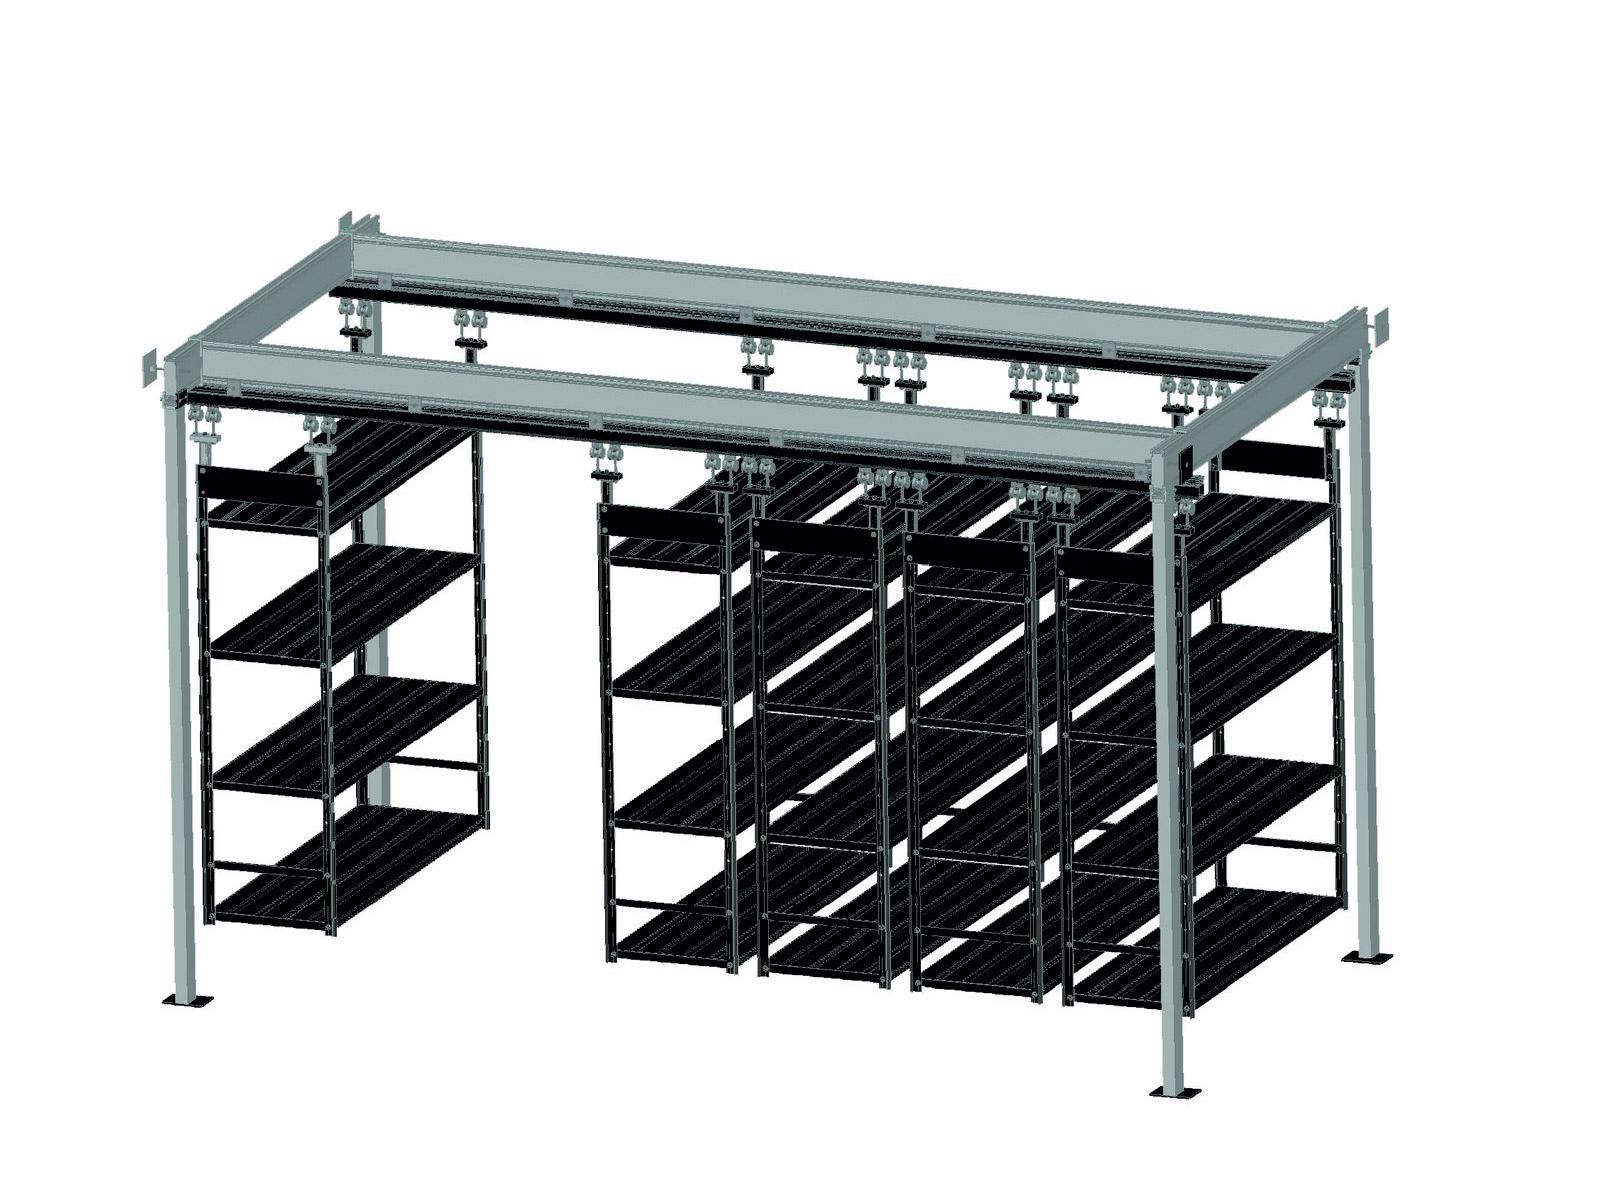 esempio di scaffalatura aerea modulare